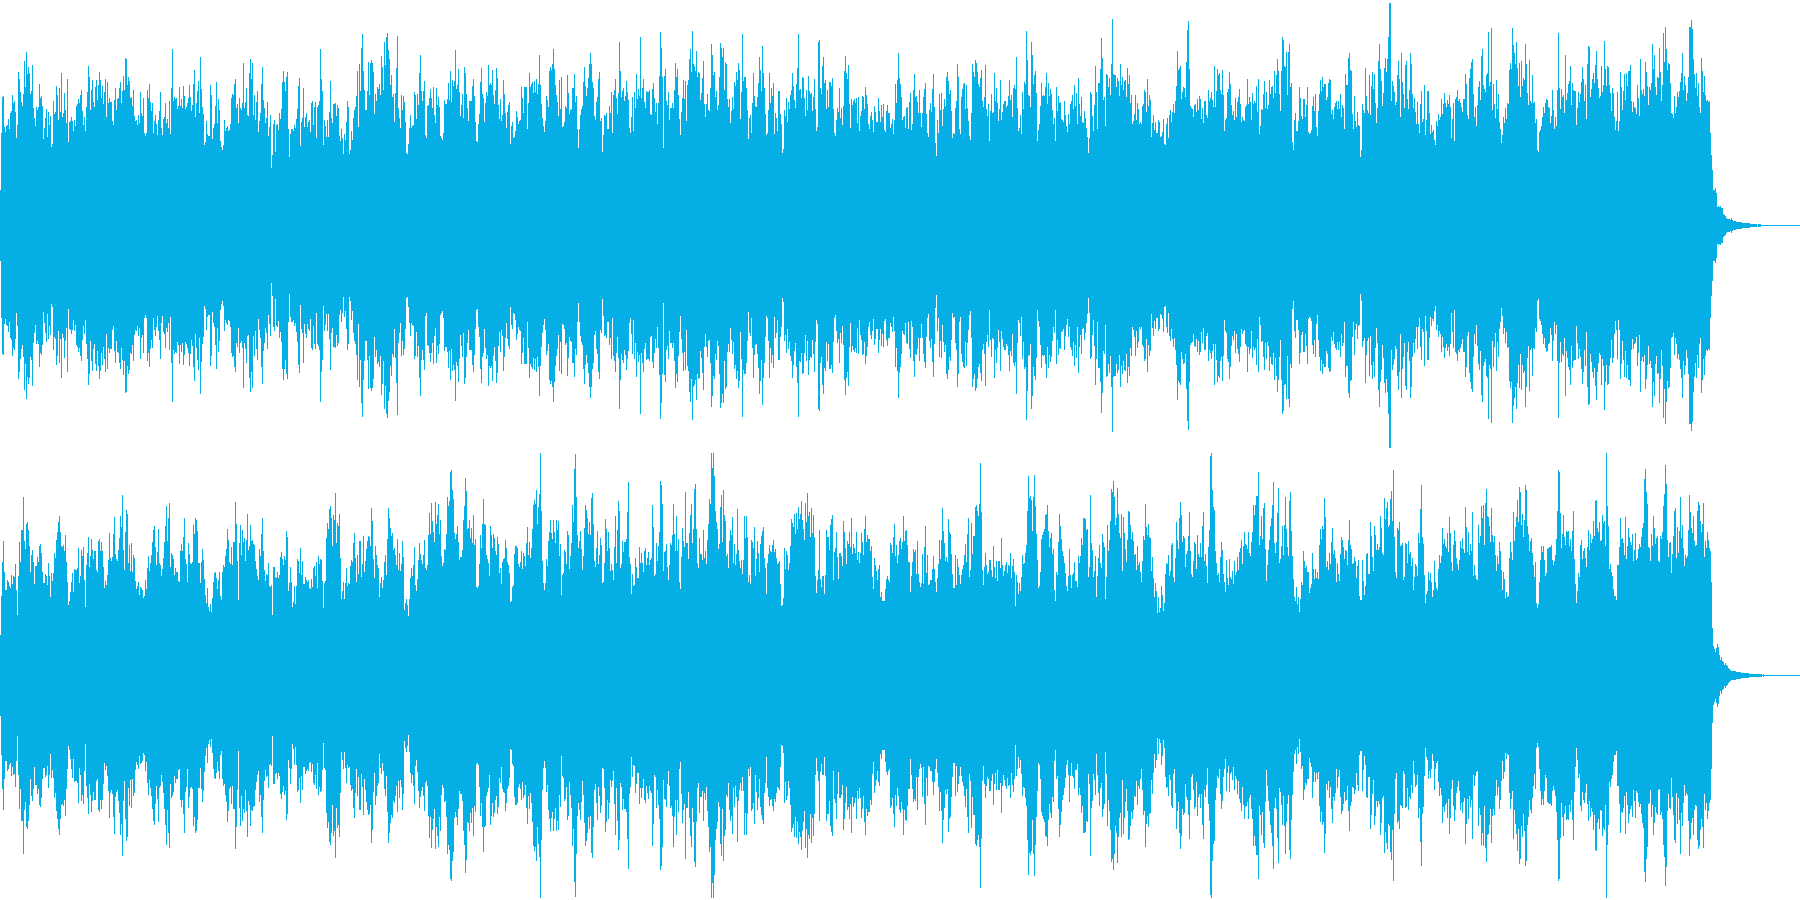 美しい転調が多い弦楽器のクラシカルな曲の再生済みの波形